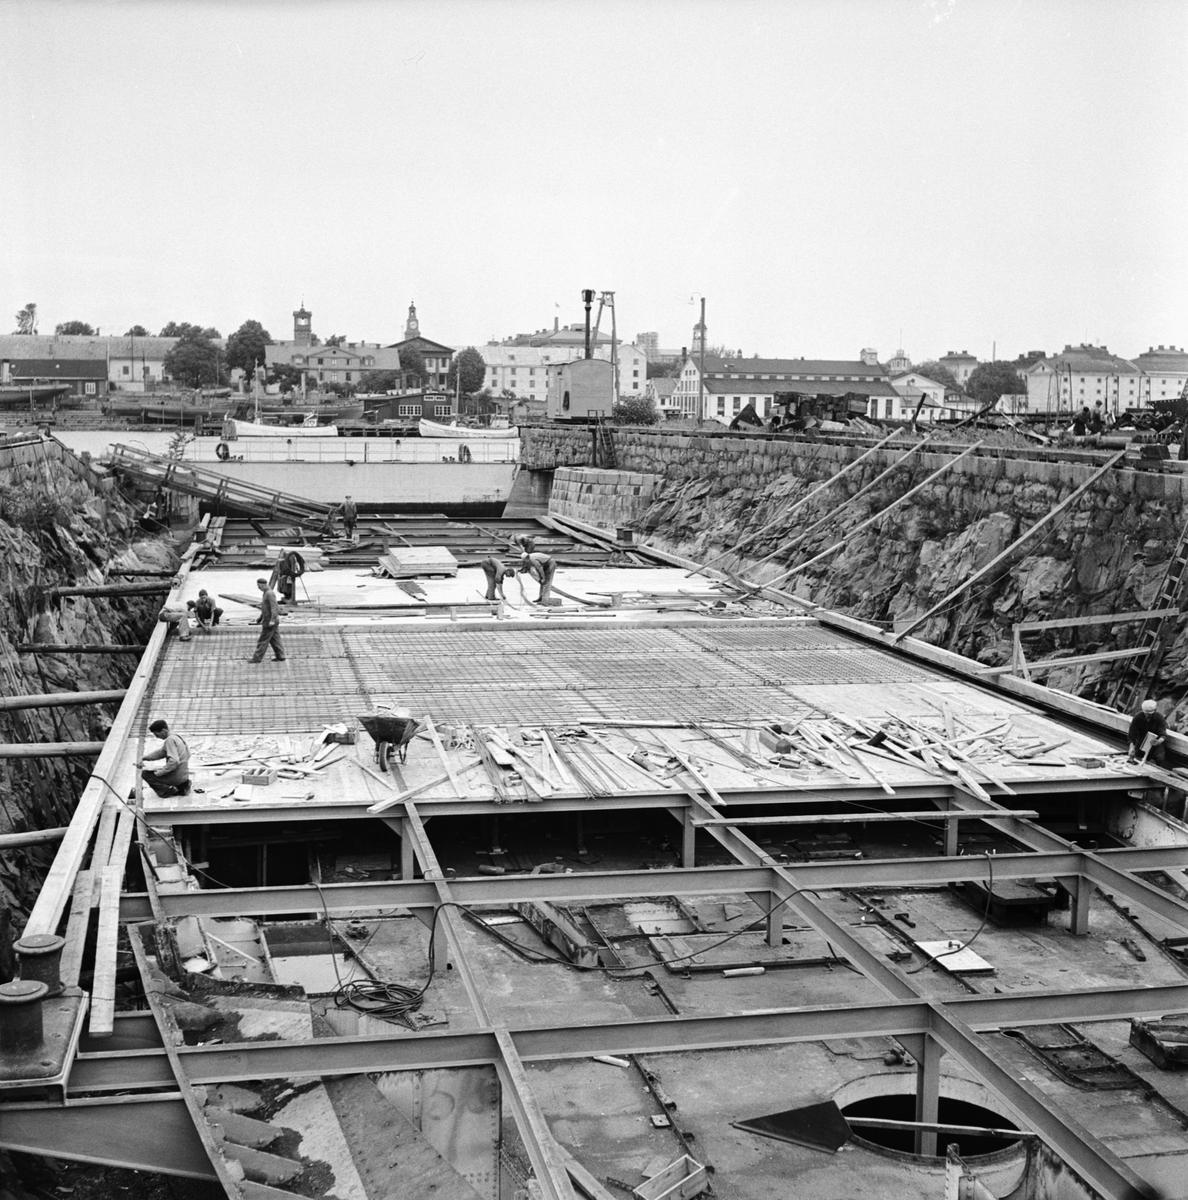 """Övrigt: Foto datum: 15/8 1951 Byggnader och kranar Psk. """"Aran"""" ändring till ponton våg och vatten"""